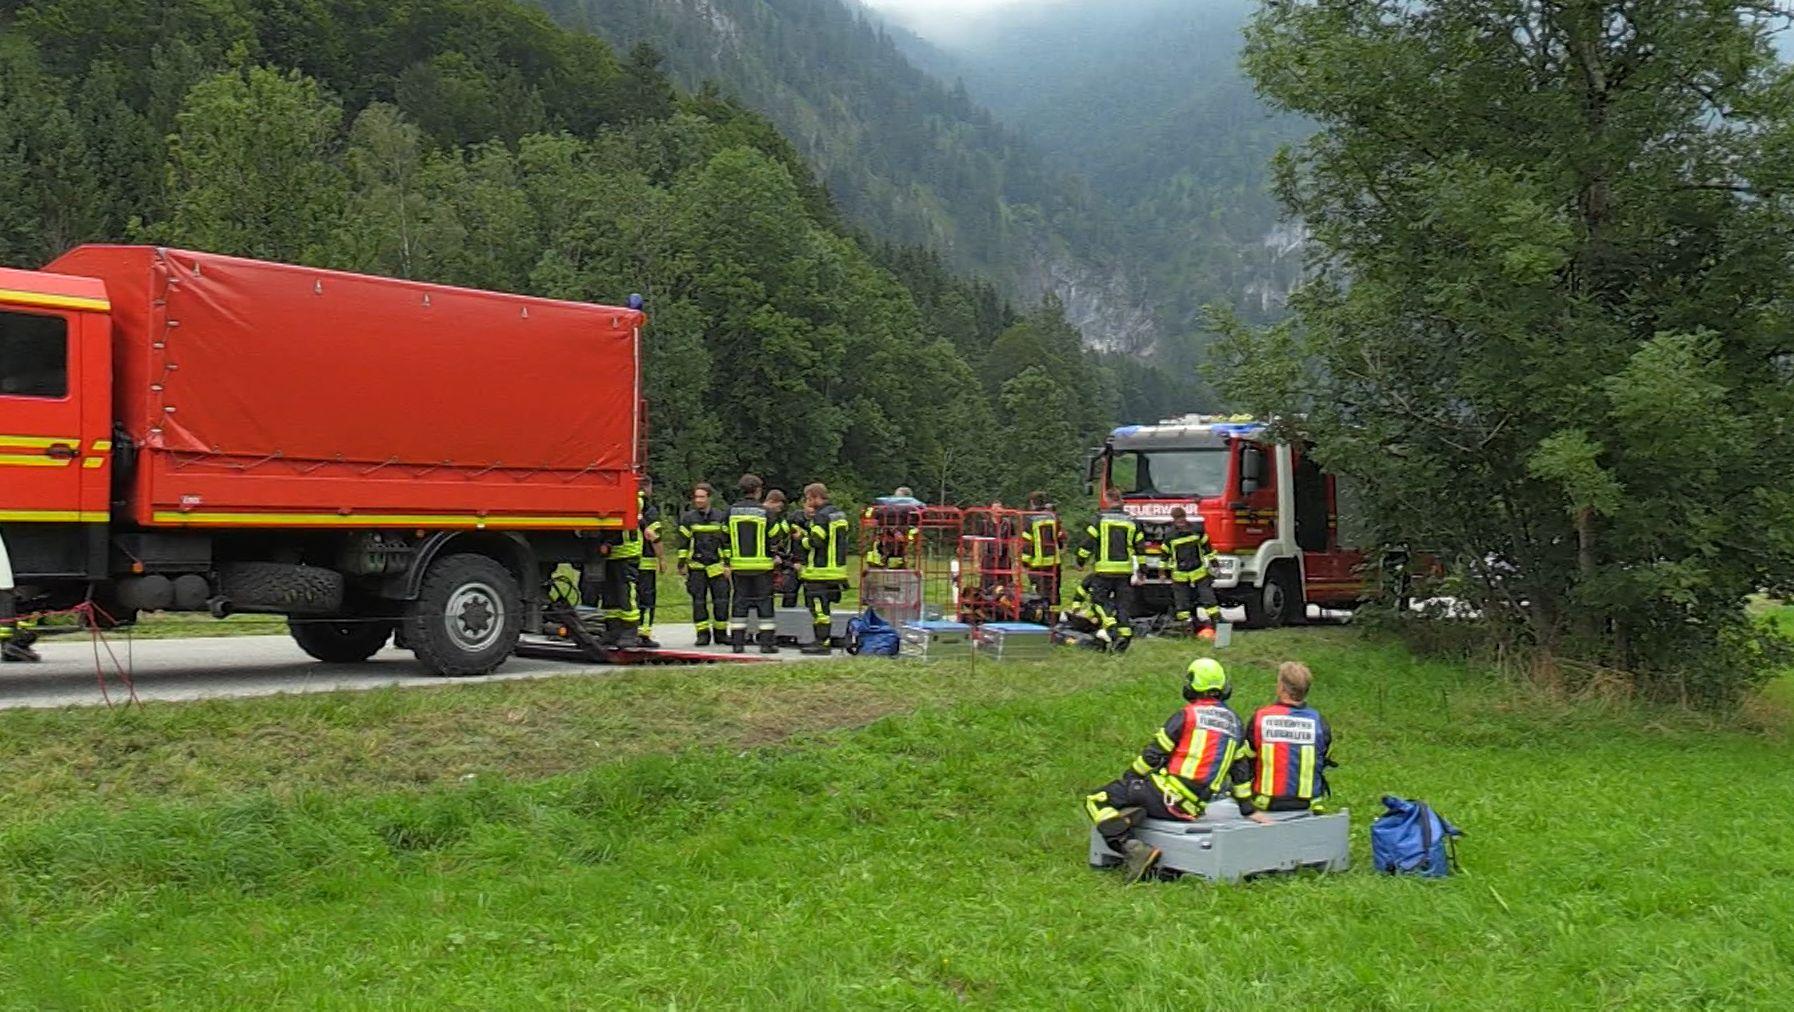 Ein Zeuge hört ein Motorengeräusch, dann einen Knall. Gleichzeitig verschwindet ein Kleinflugzeug im bayerisch-österreichischen Grenzgebiet.